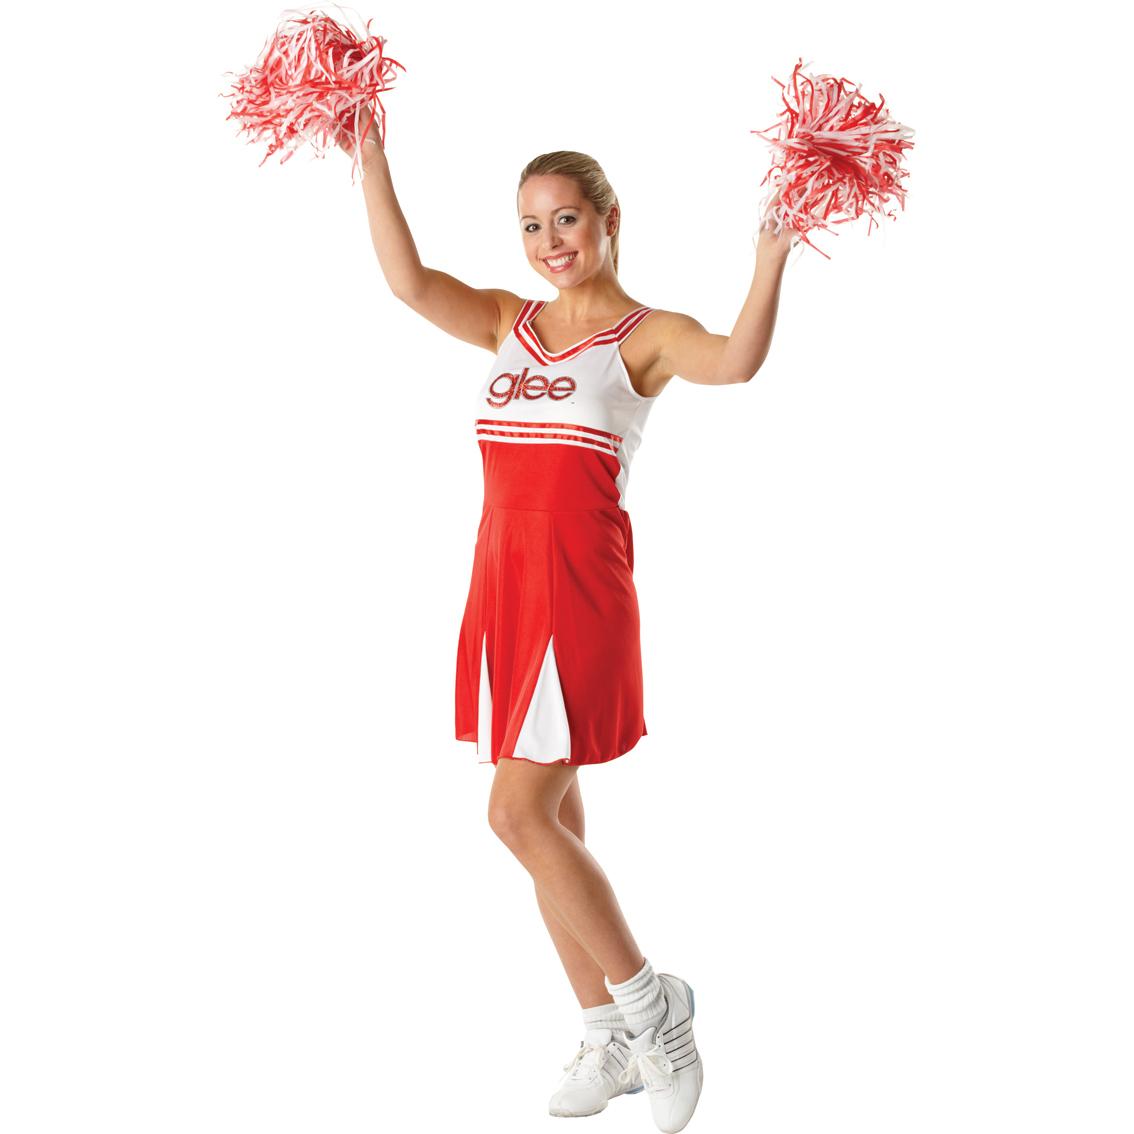 Maskeradkläder Vuxna - Glee Cheerleader Maskeraddräkt